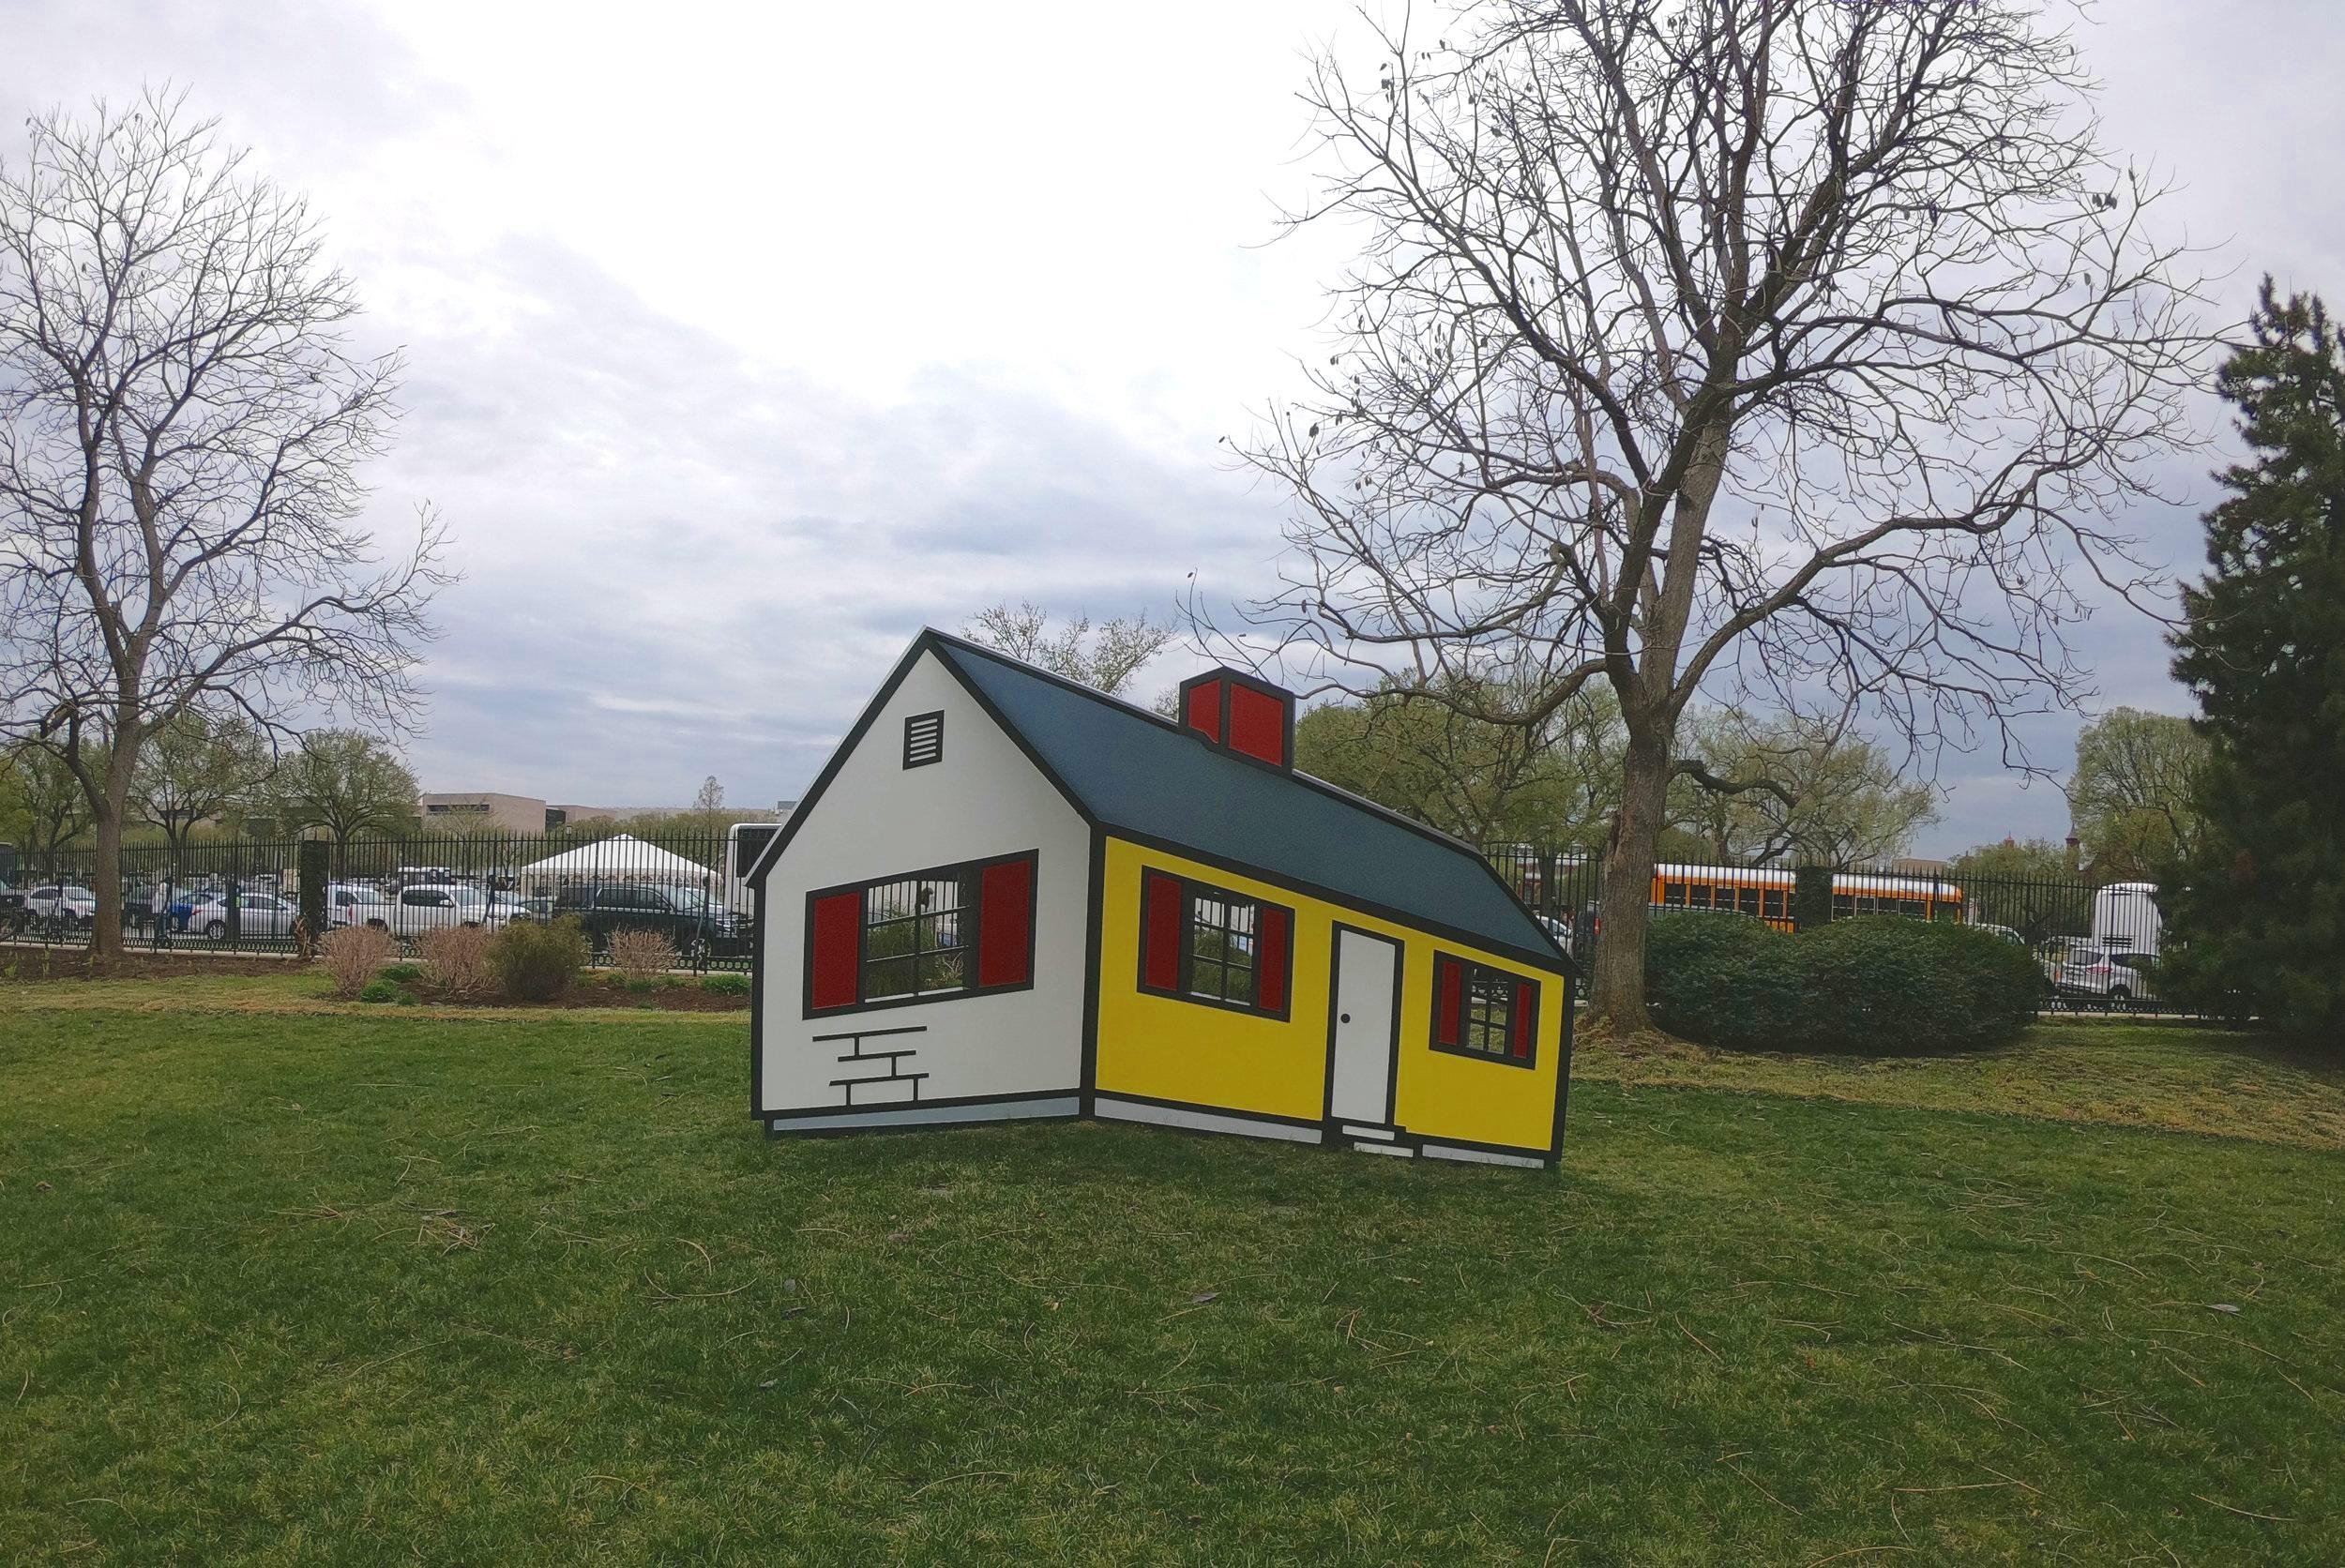 House I by Roy Lichtenstein